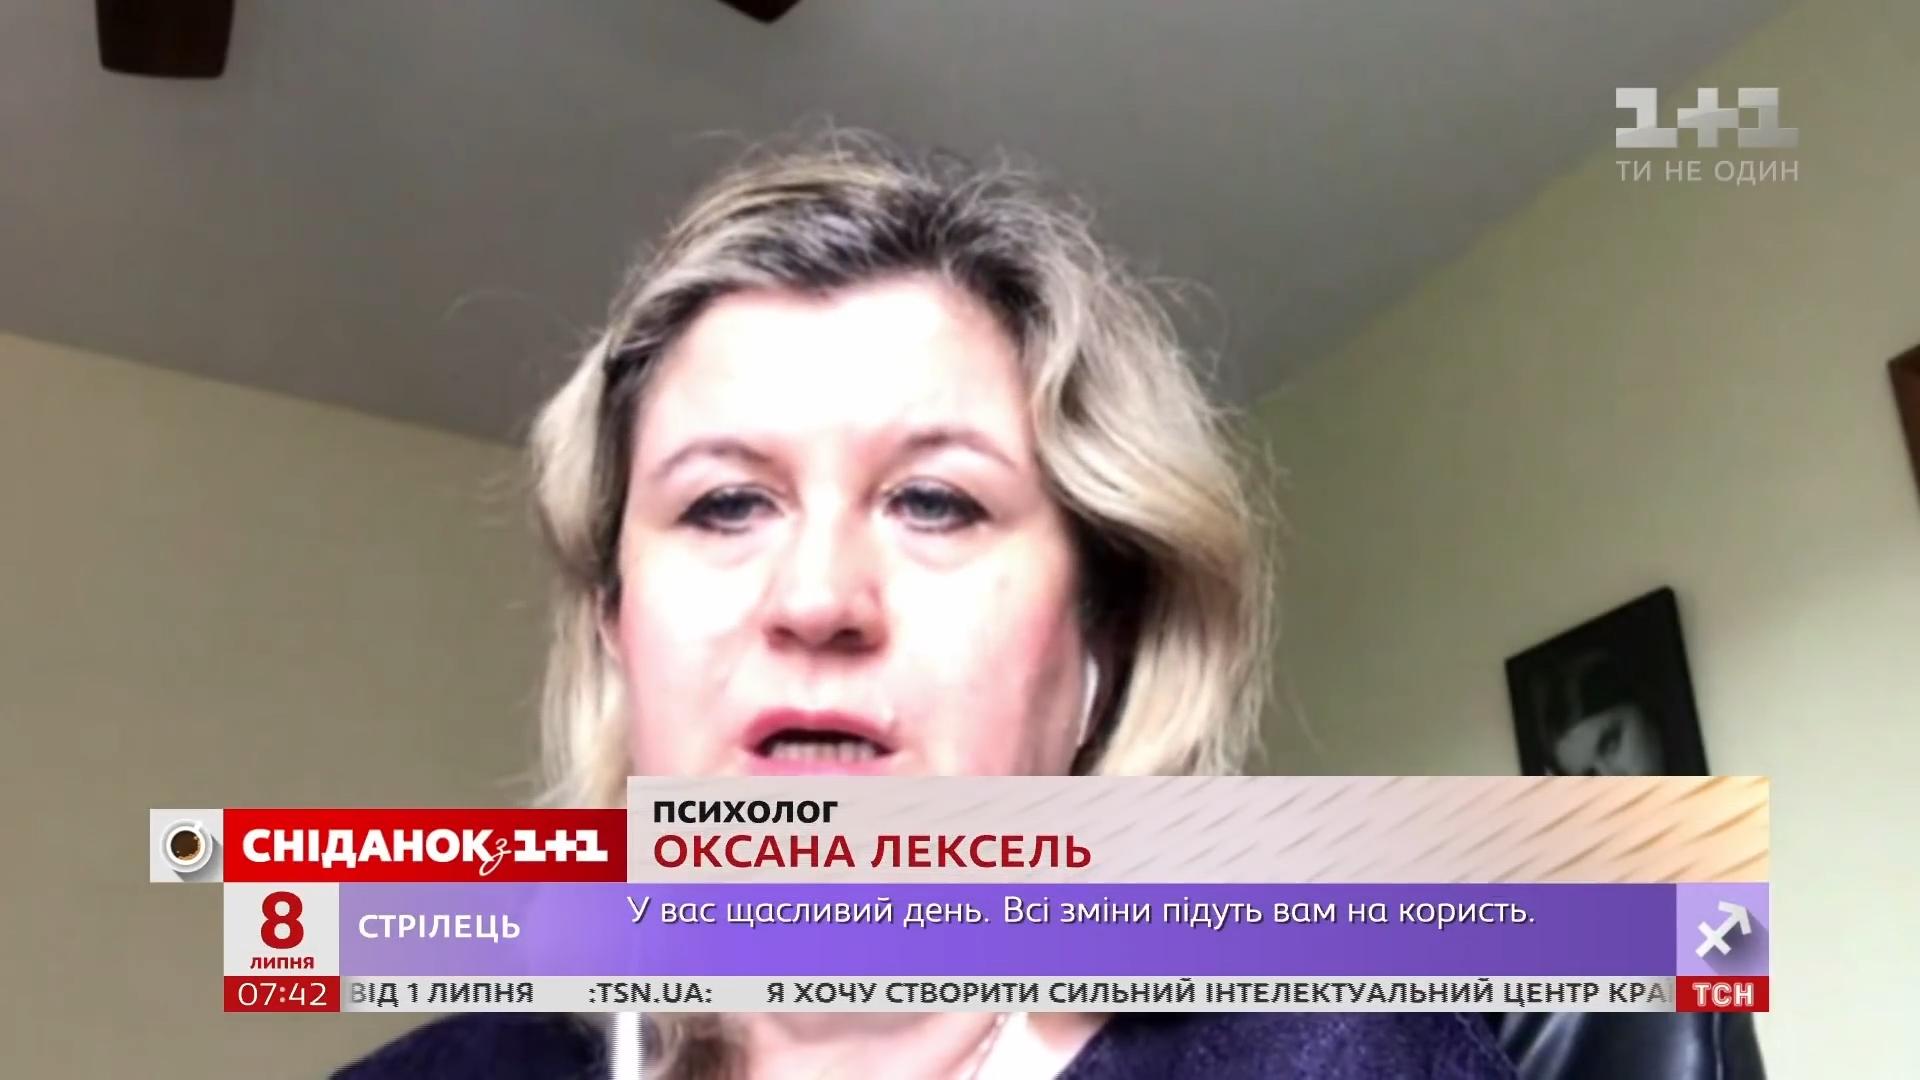 20190708_09-51-Что в Украине считается насилием над детьми и как ему противостоять - адвокат Олег Простибоженко-pic09